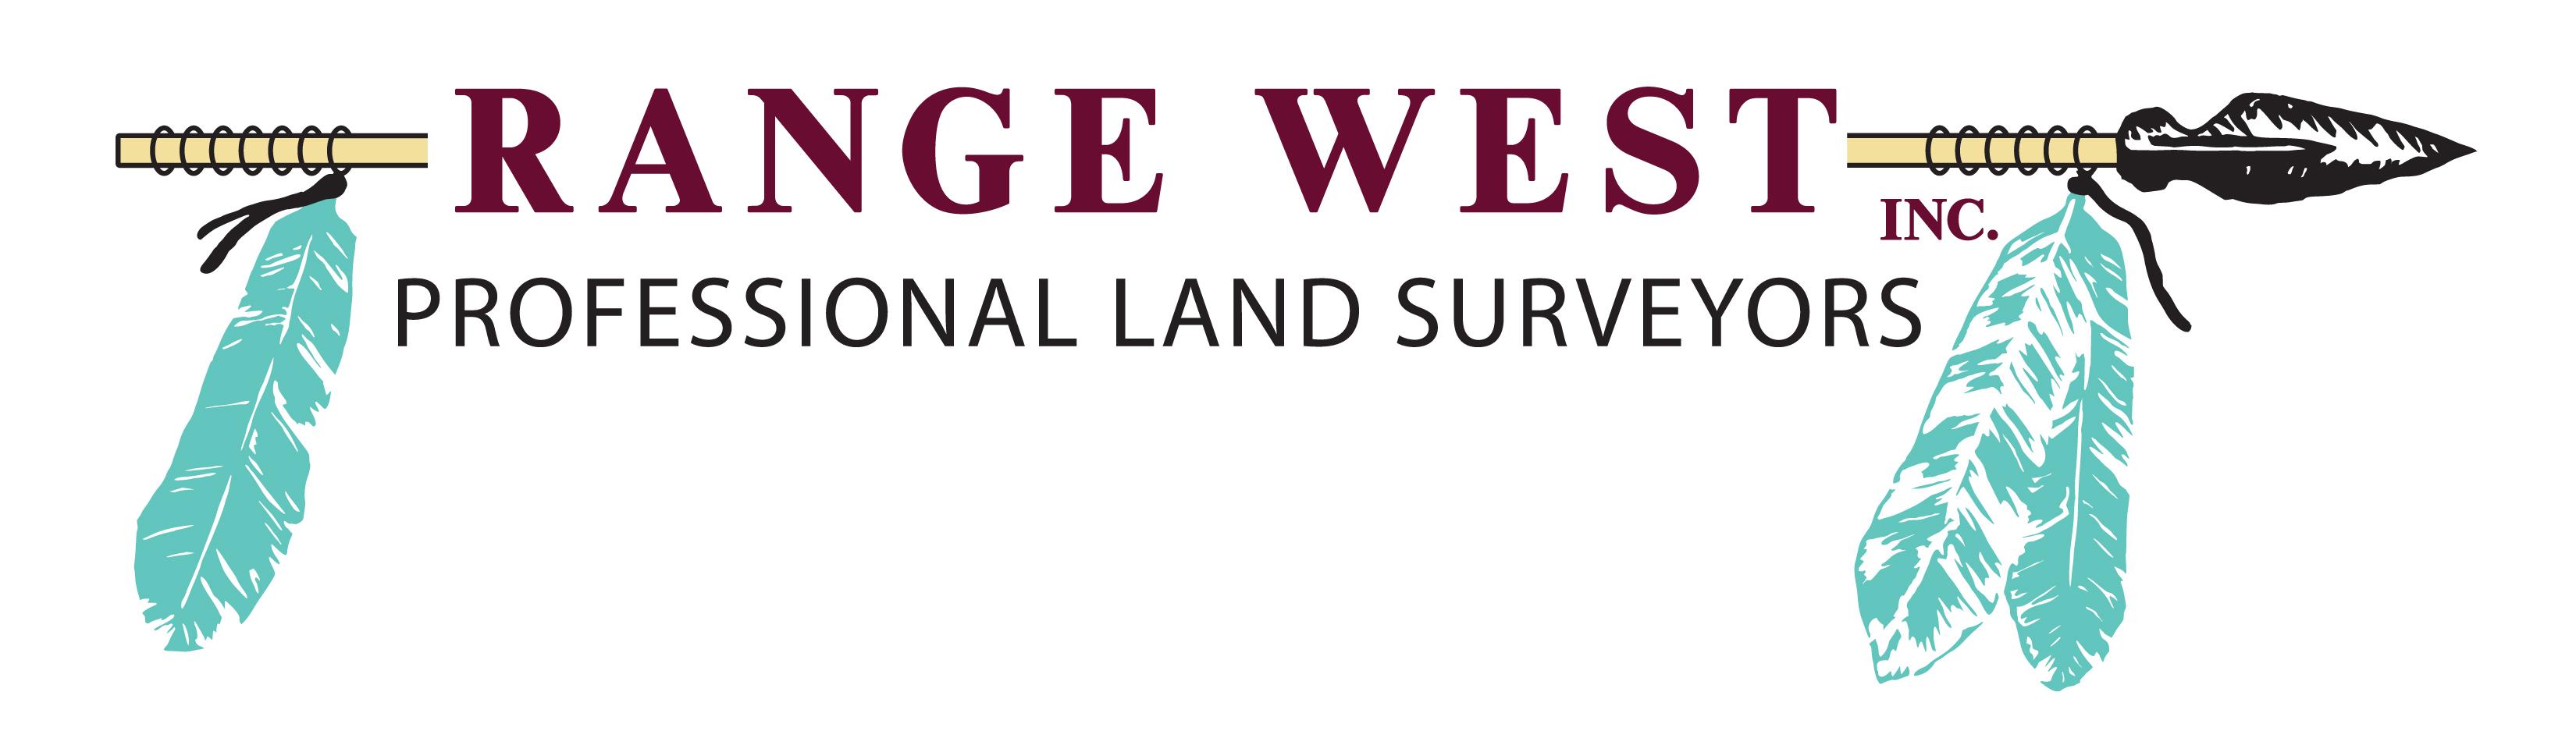 Range West, Inc.